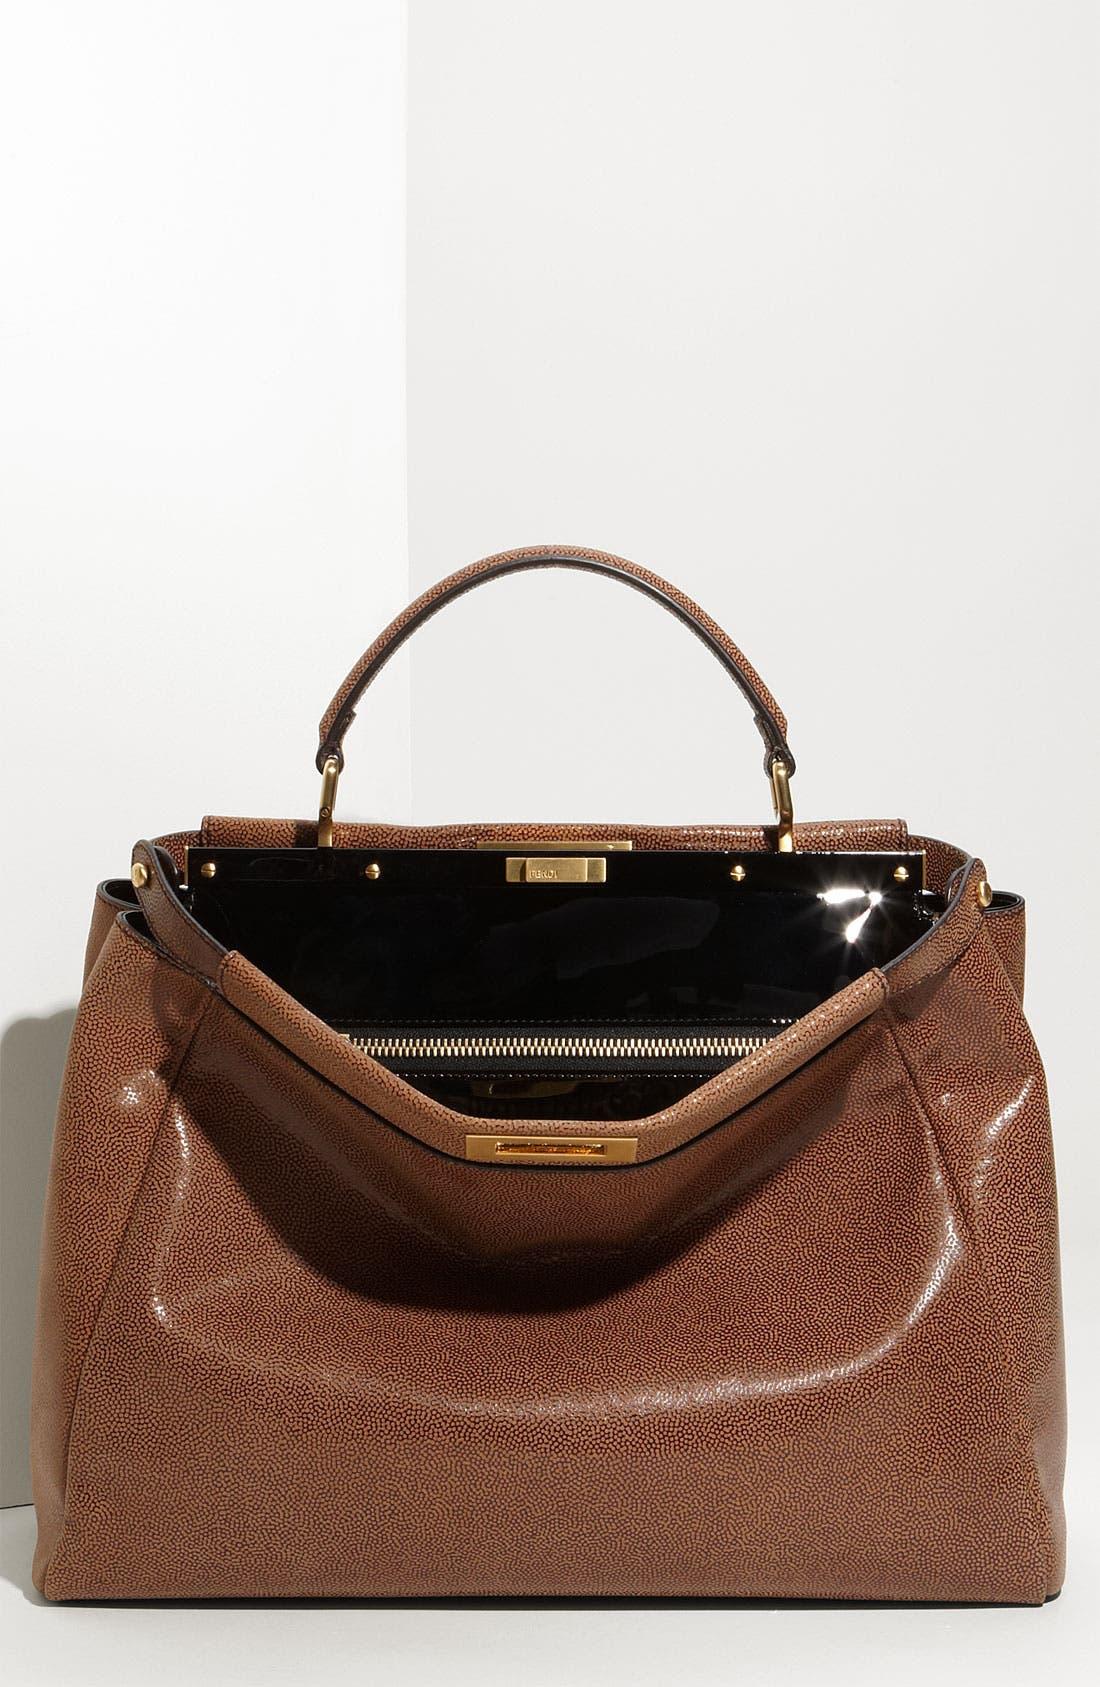 Main Image - Fendi 'Peekaboo - Large' Glazed Leather Satchel